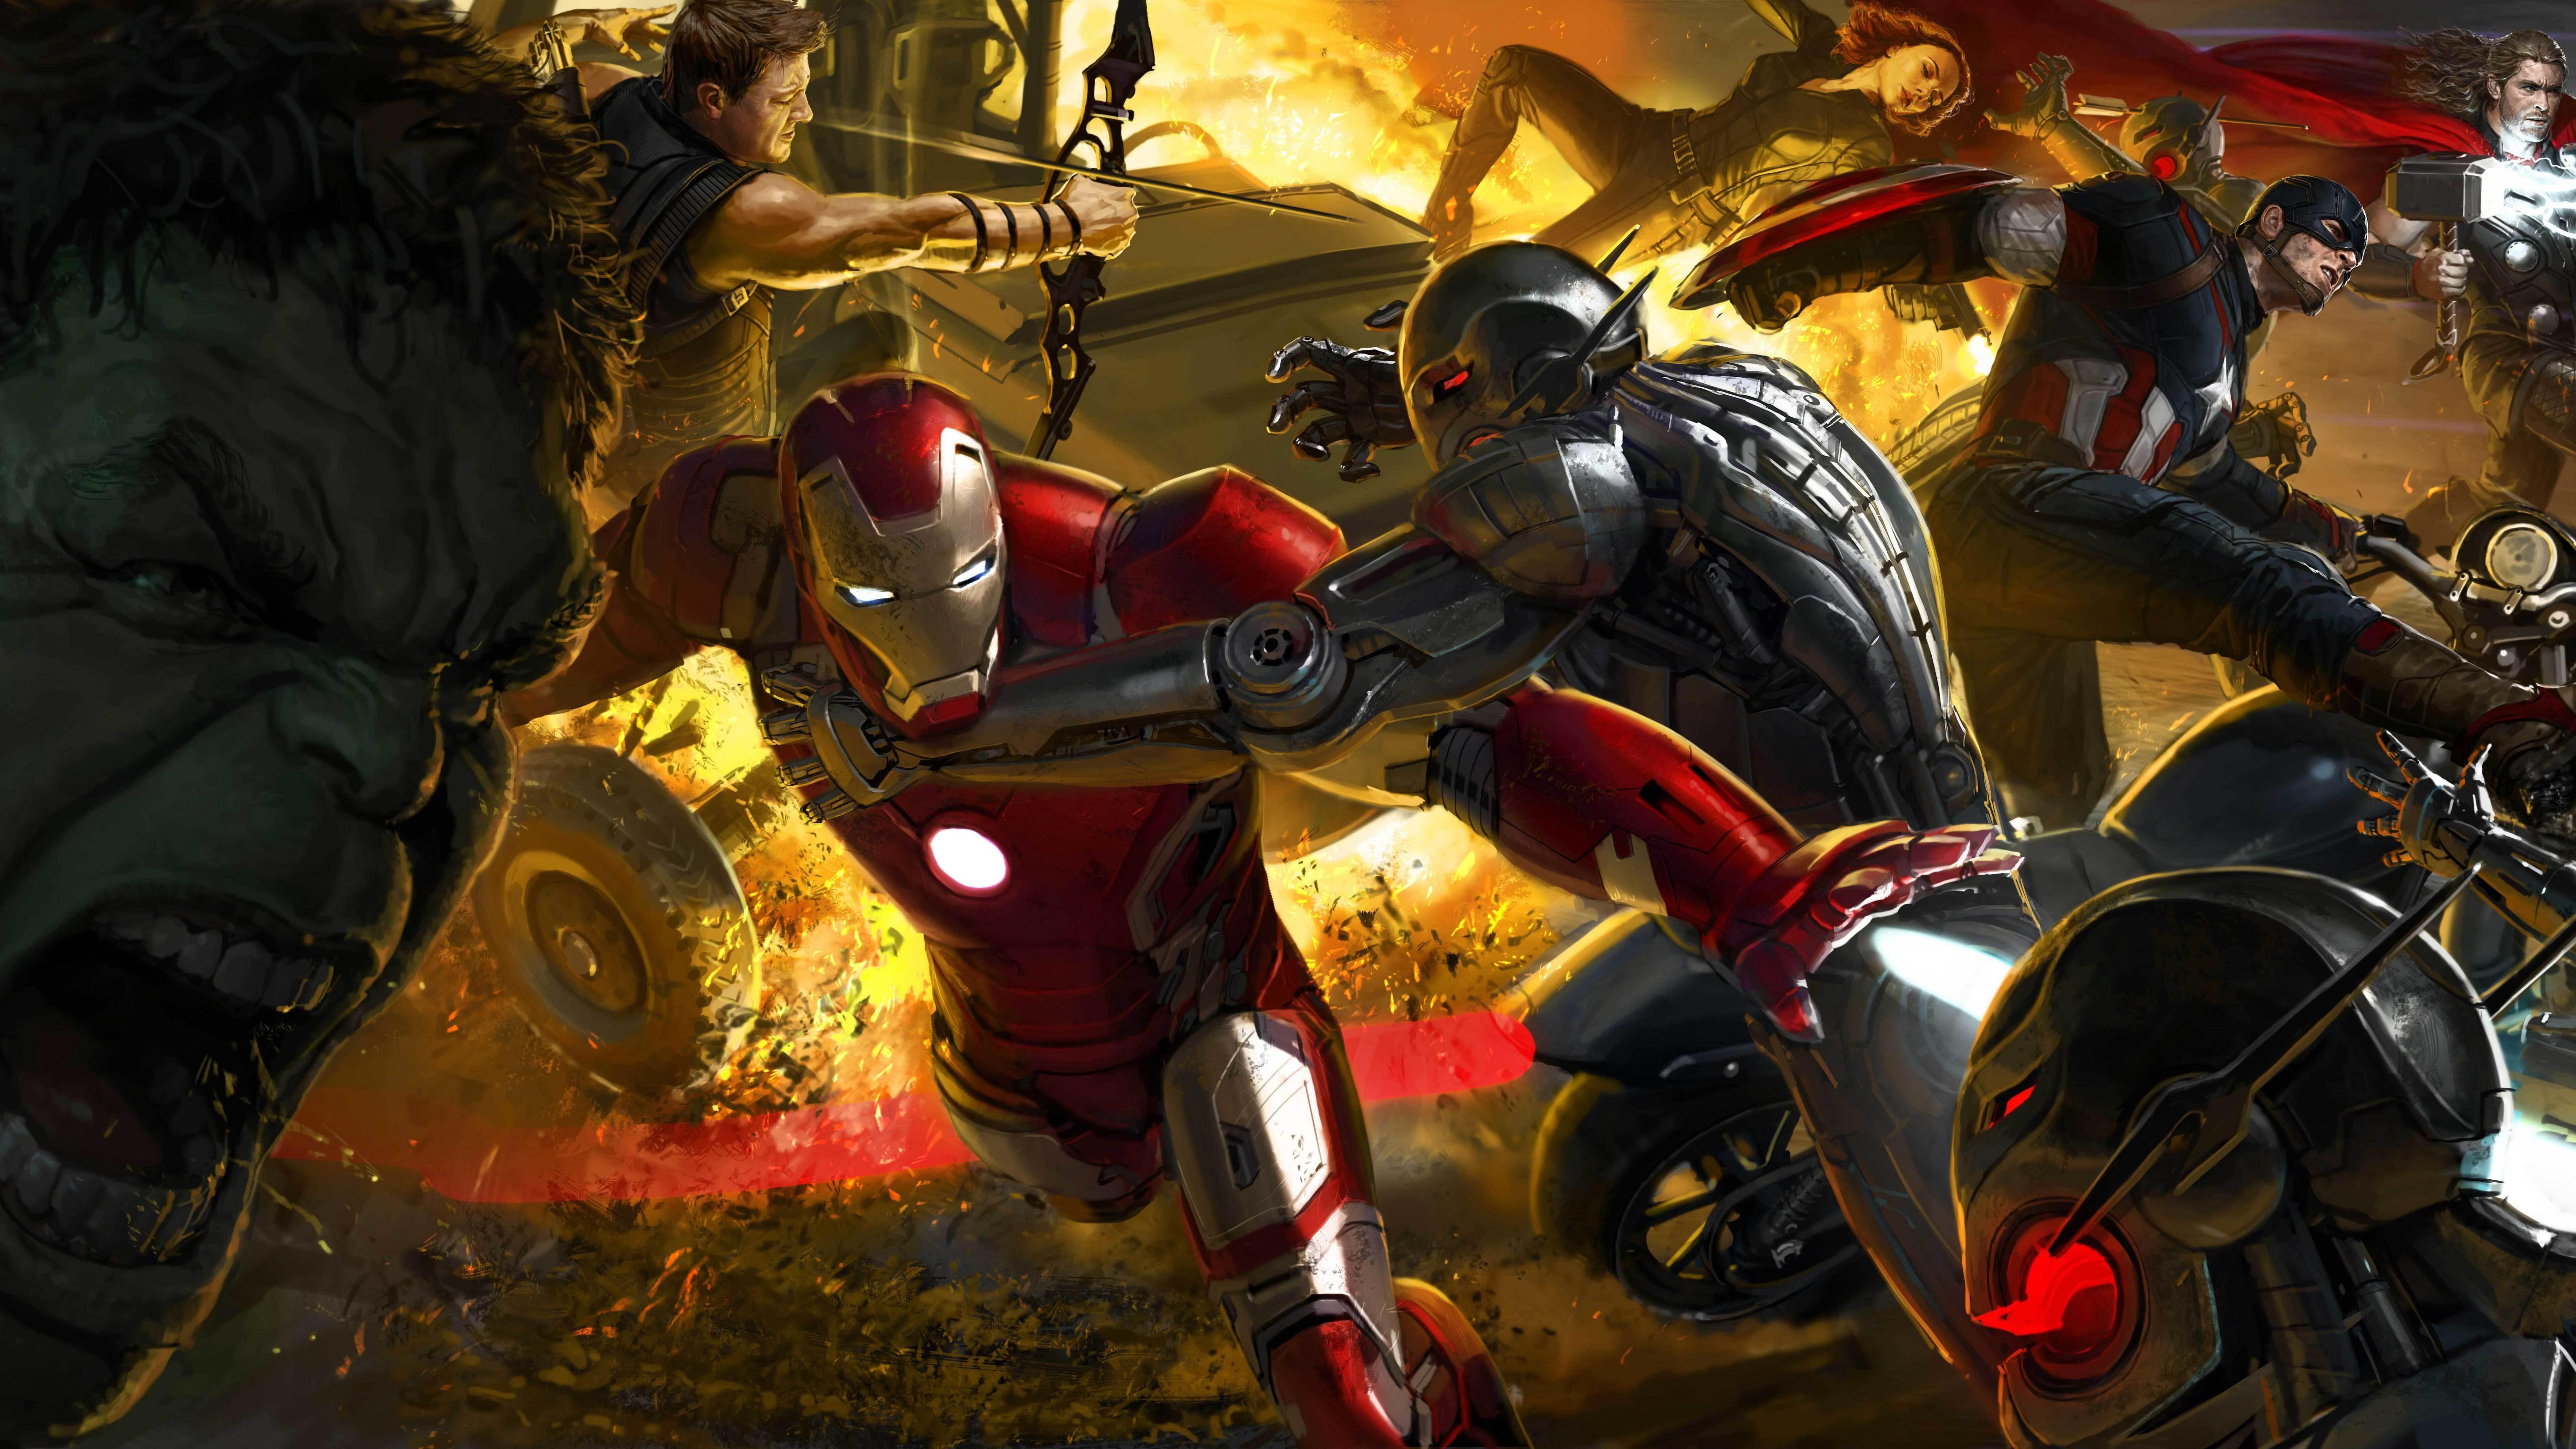 avengers-age-of-ultron-artwork-8k-ox.jpg